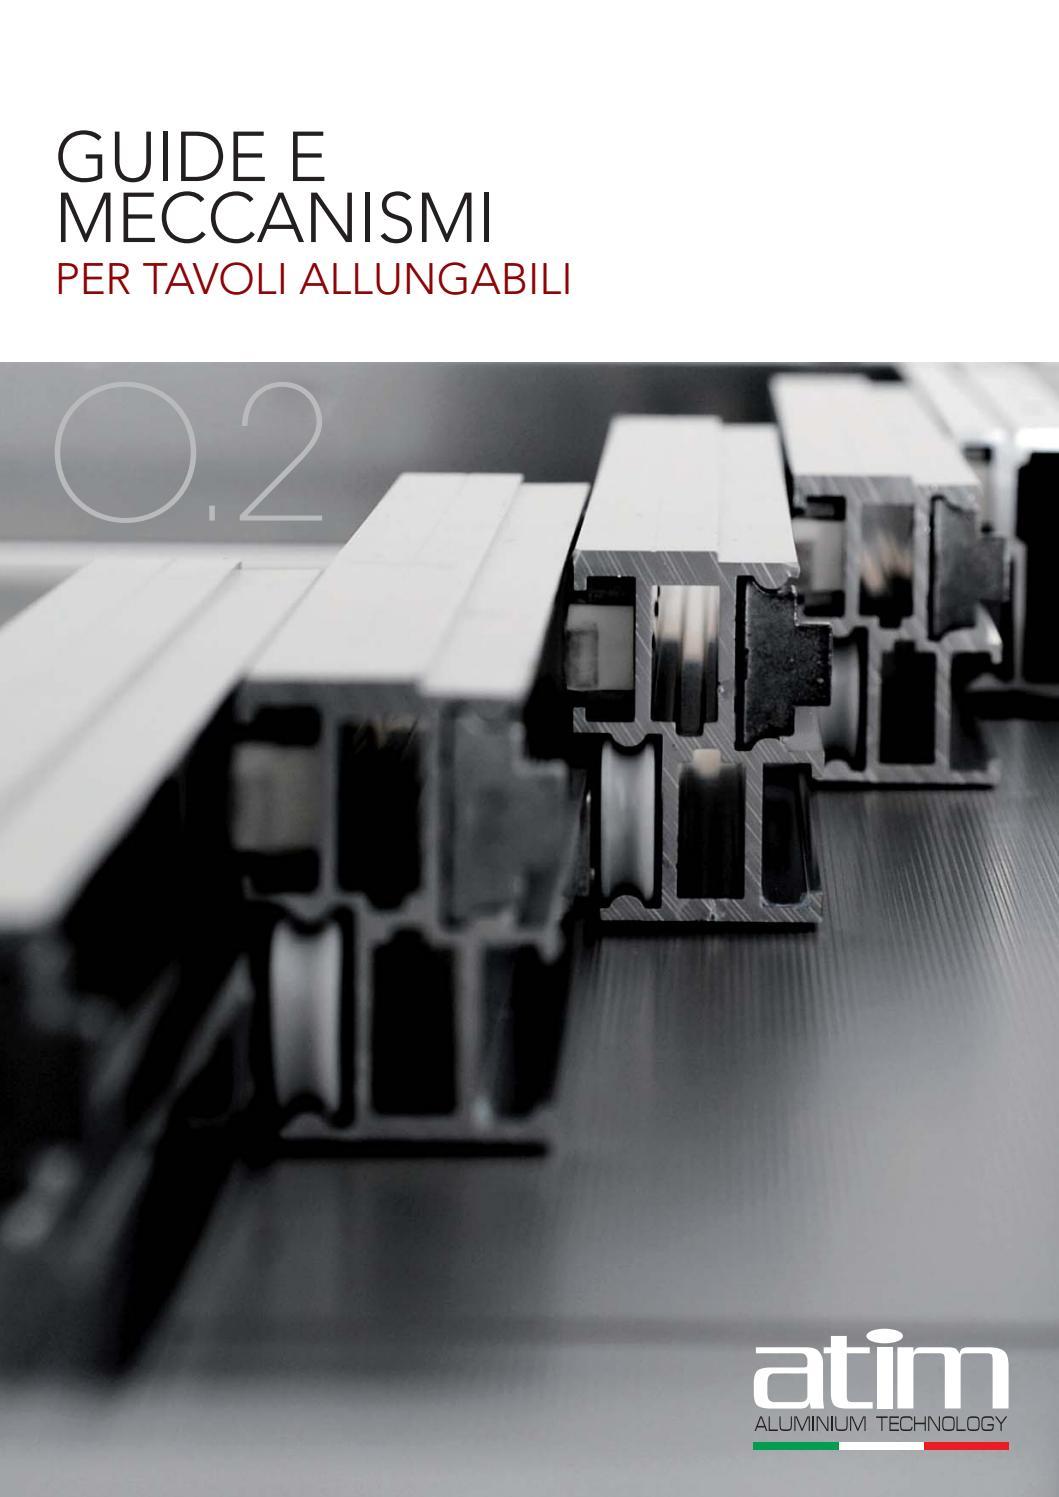 02 guide e meccanismi per tavoli allungabili by atim s p a issuu - Guide per tavoli allungabili ...